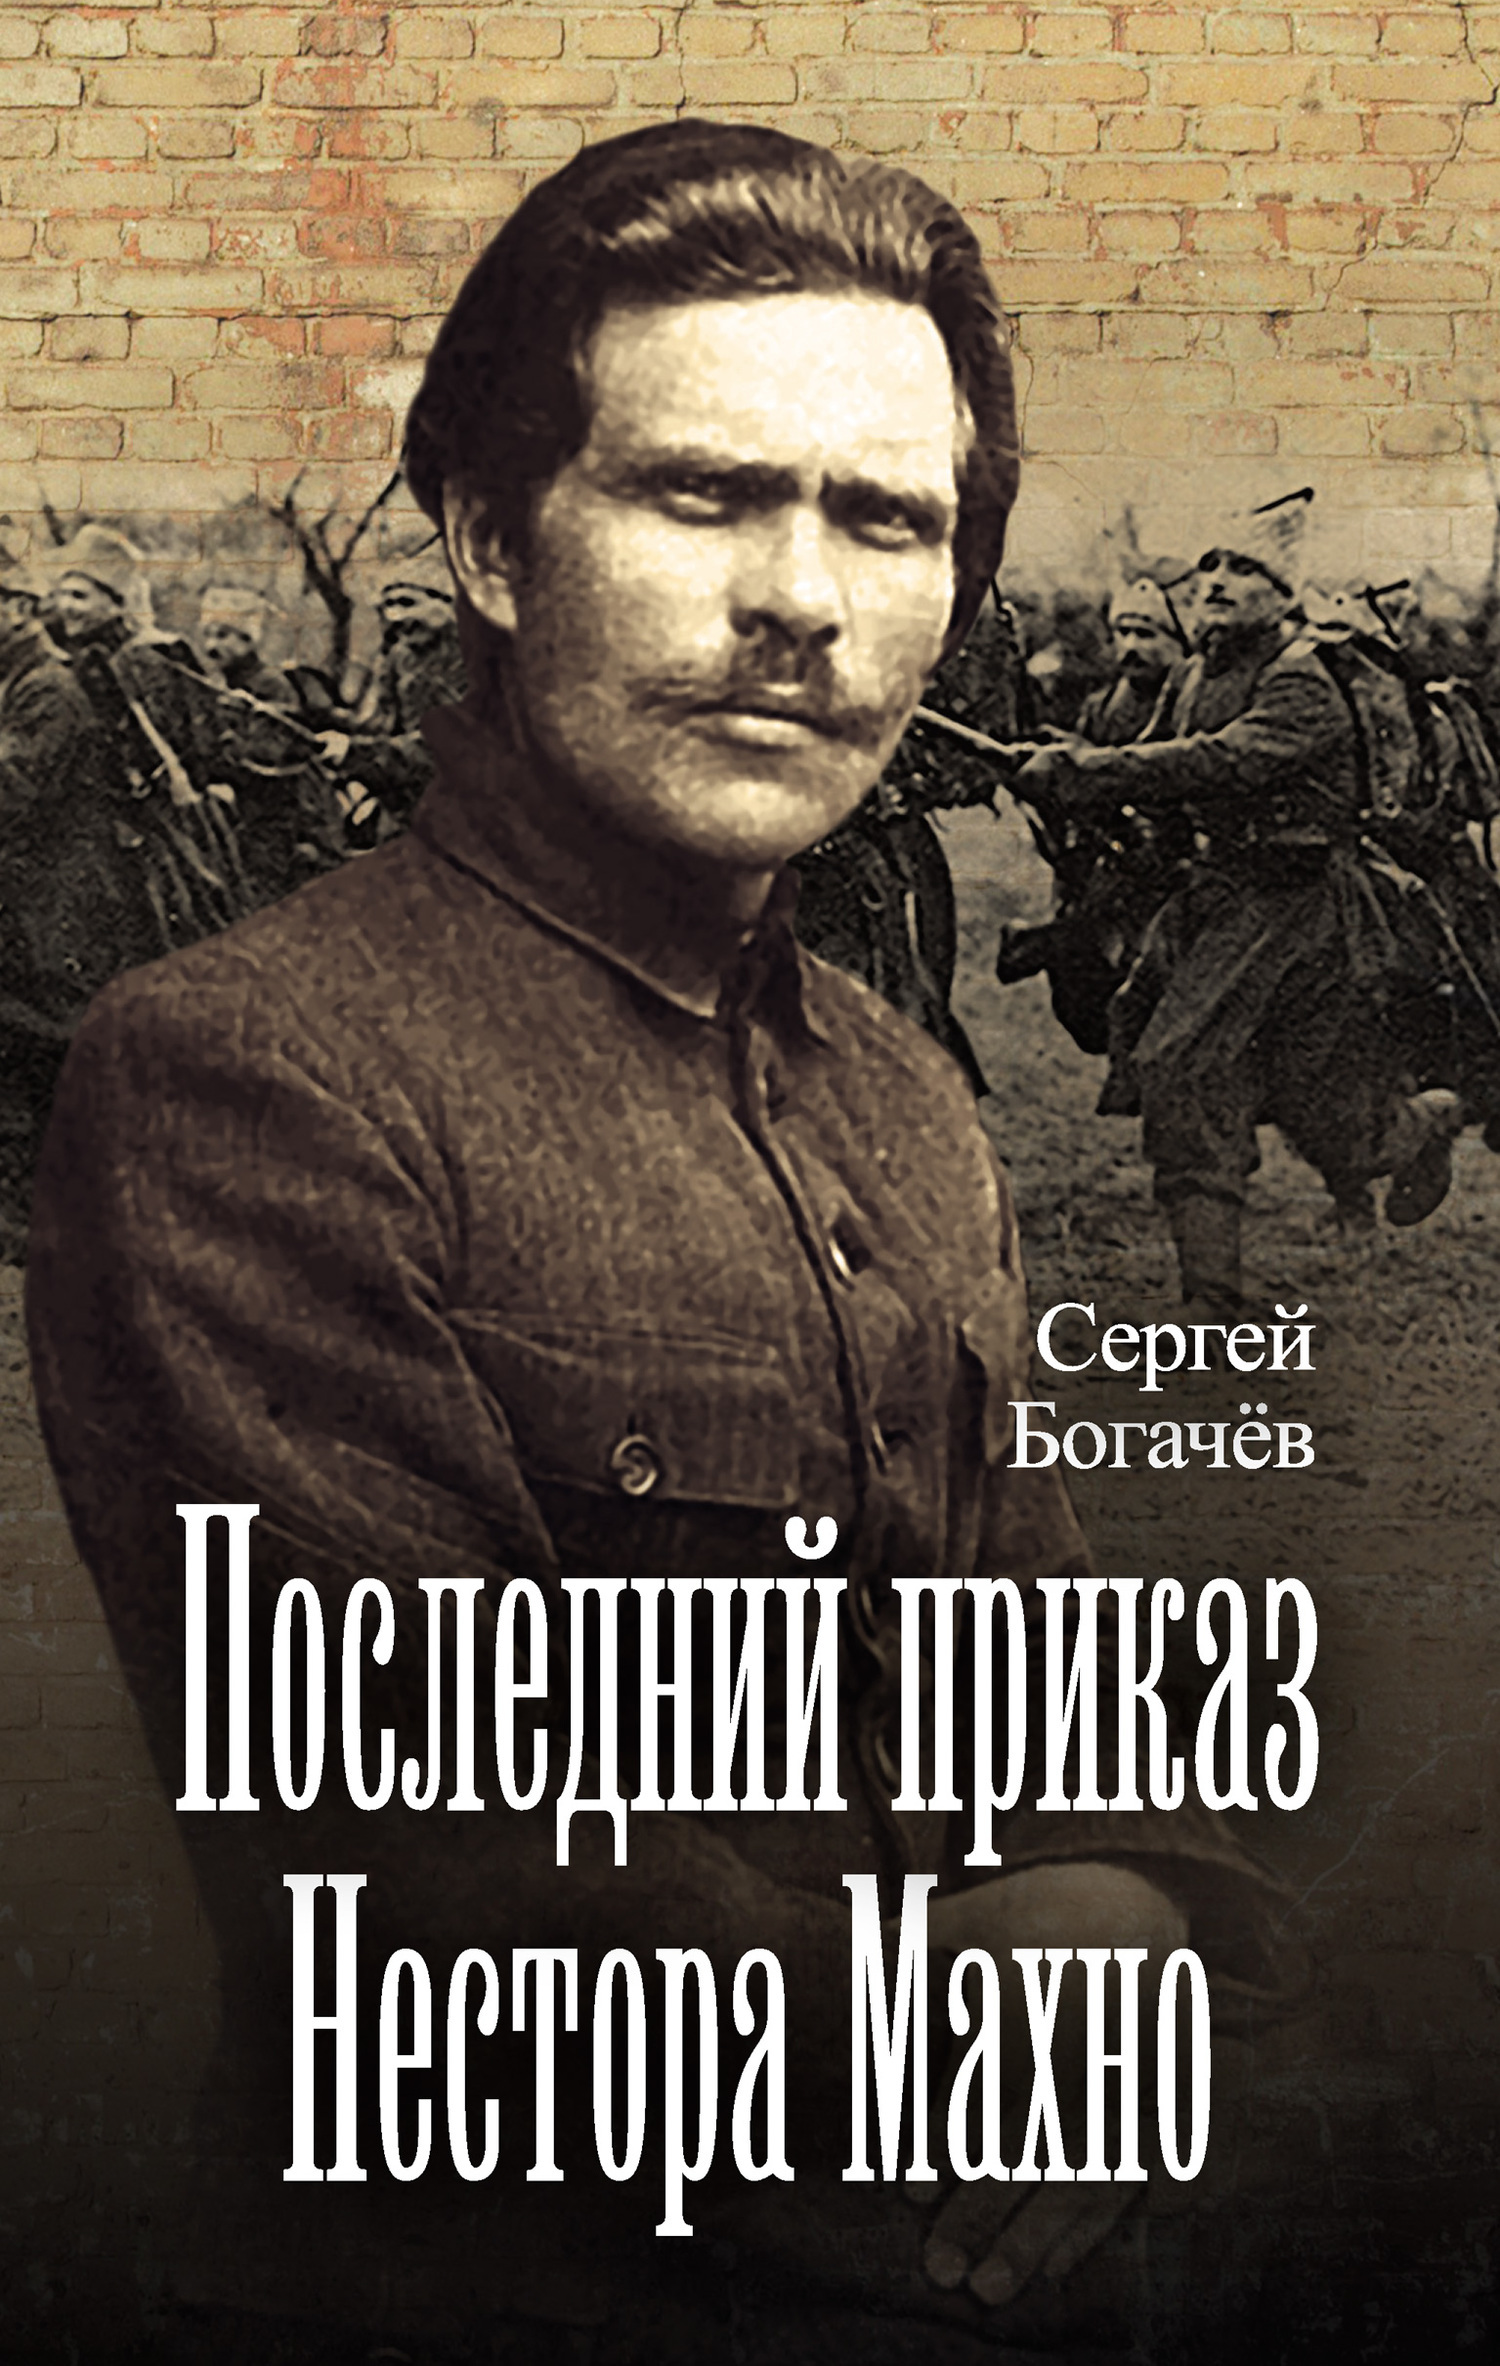 Сергей Богачев - Последний приказ Нестора Махно